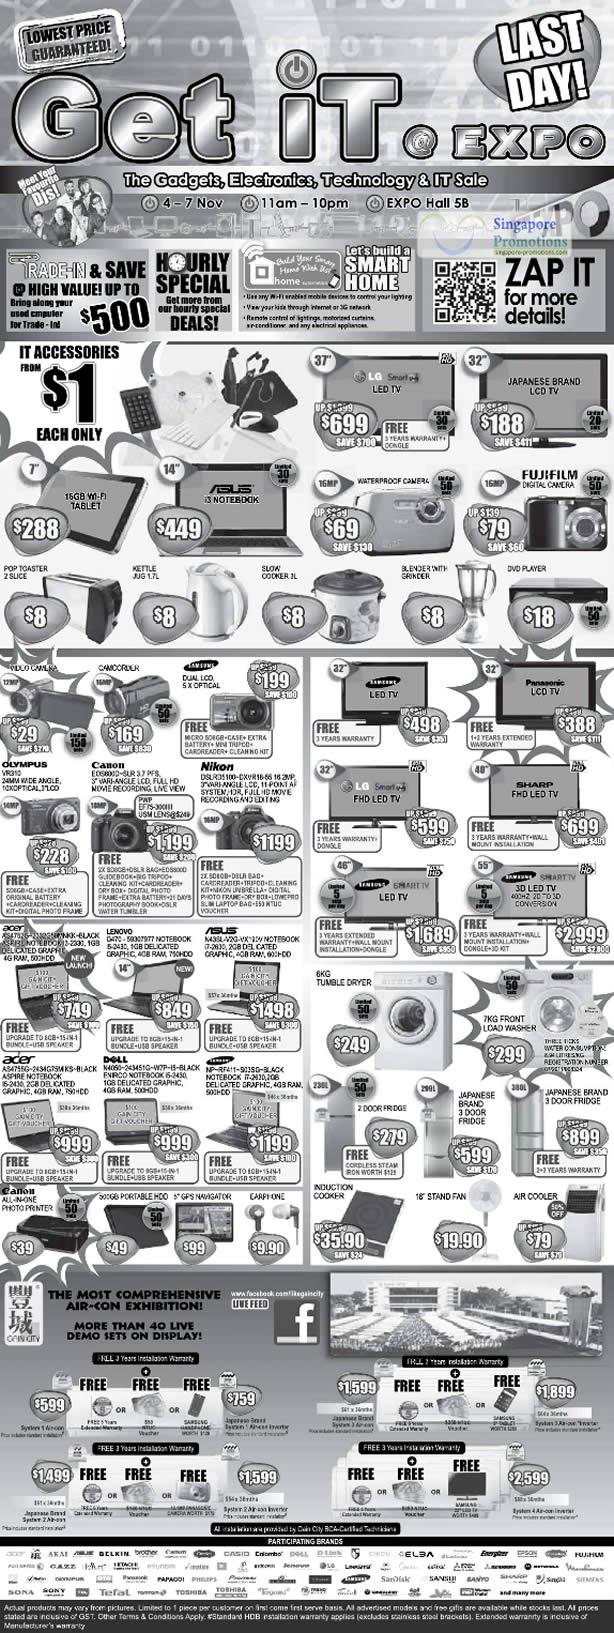 7 Nov 1 Dollar Deals, Limited Deals, Lenovo G470 Notebook, Acer AS4755G, Fridge, Dryer